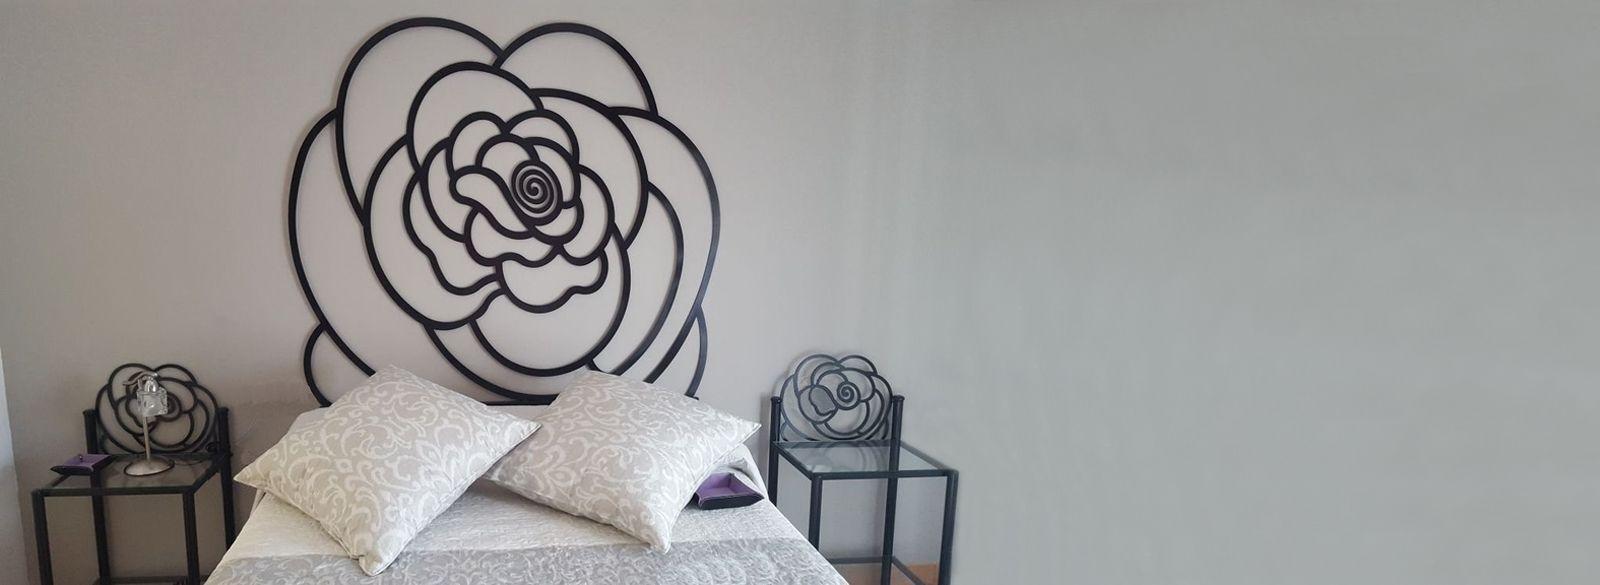 Cabecero forja Rosa: Catálogo de muebles de forja de Forja Manuel Jiménez